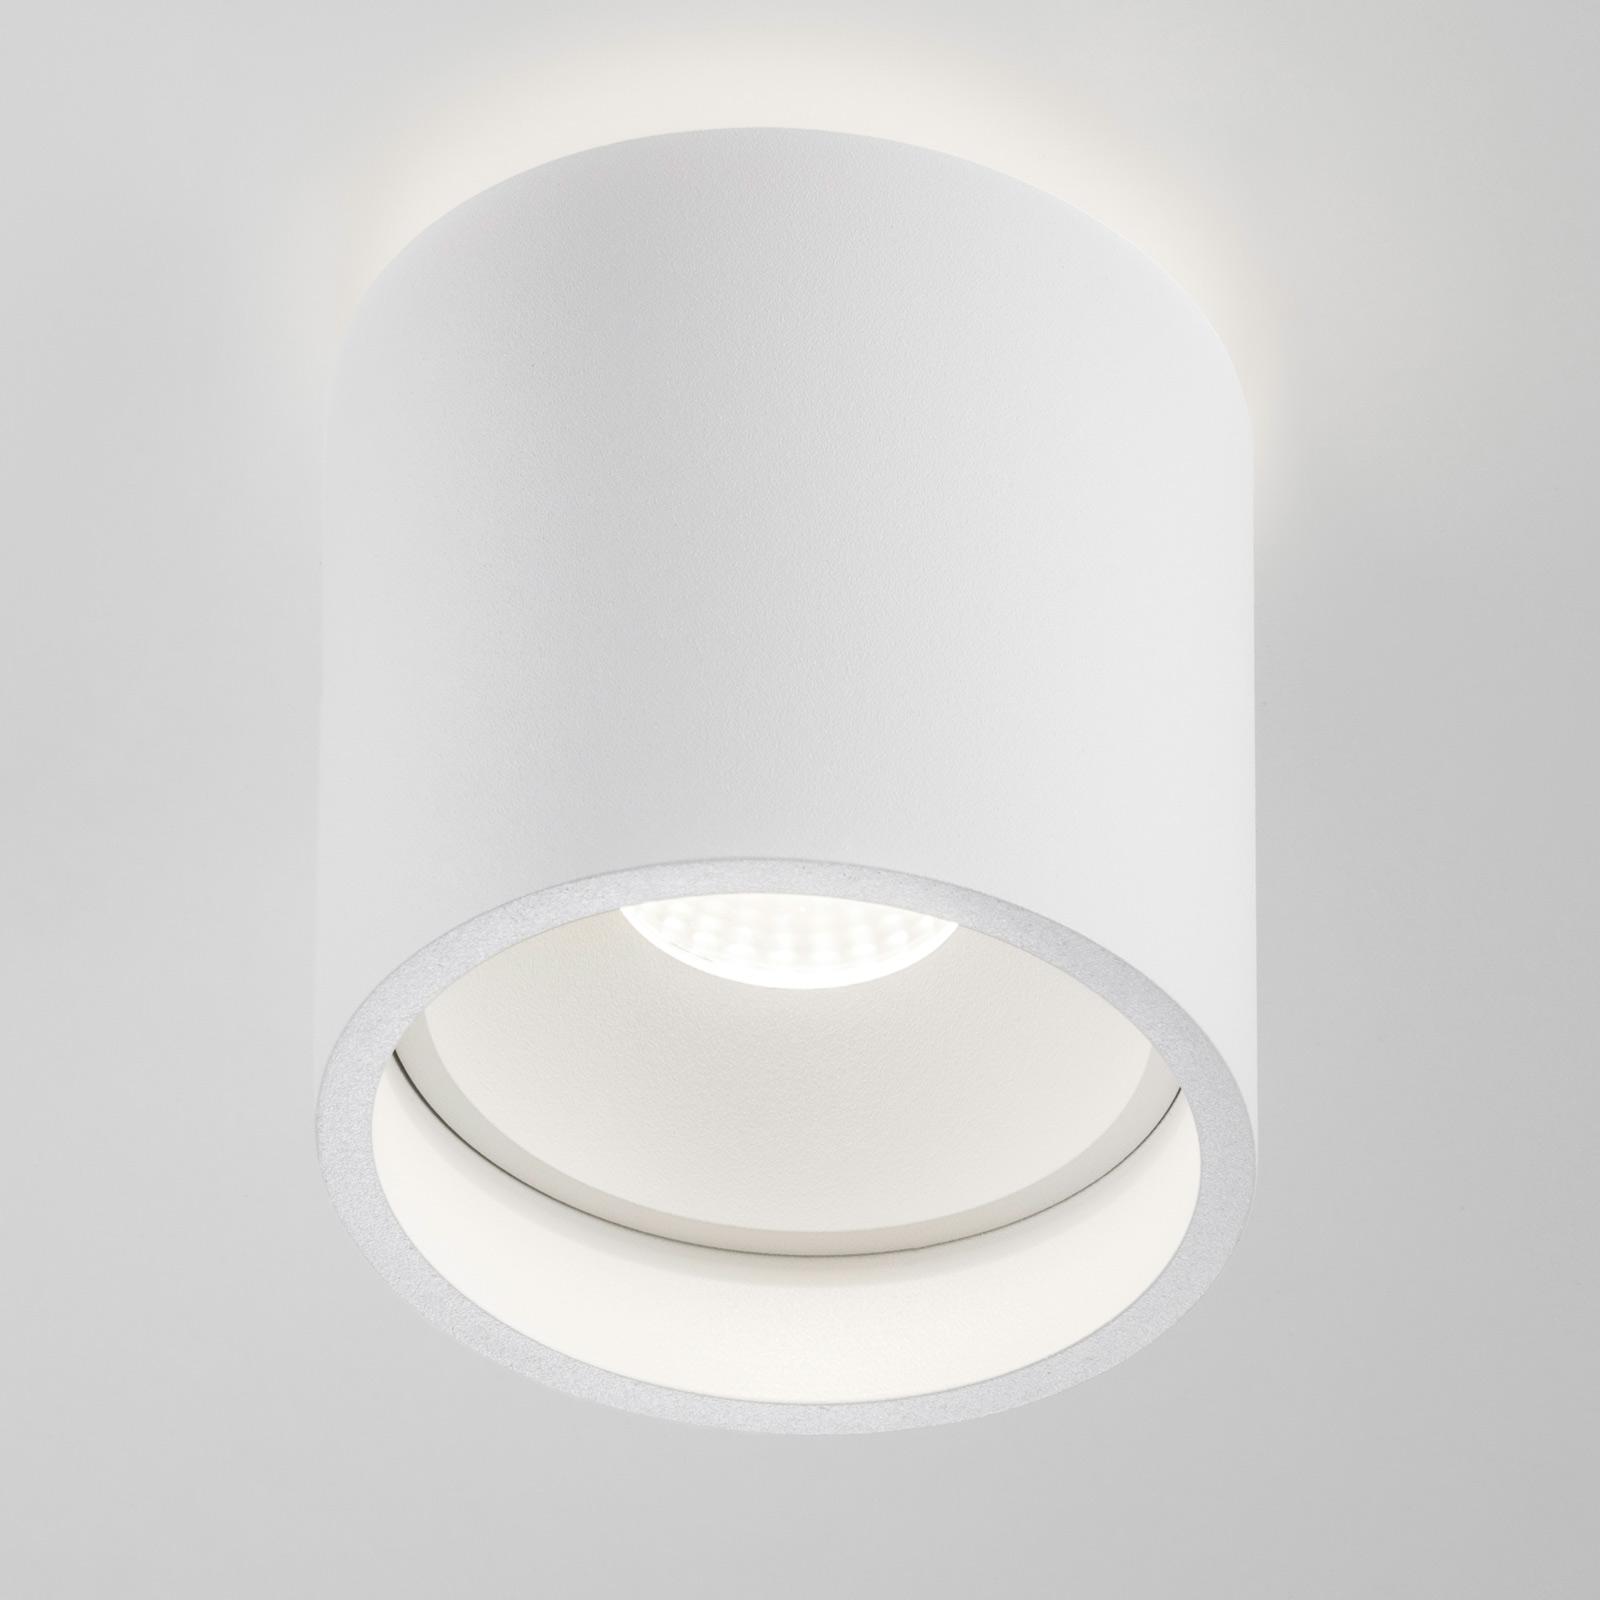 BRUMBERG Tubic LED-Deckenleuchte, direkt/indirekt